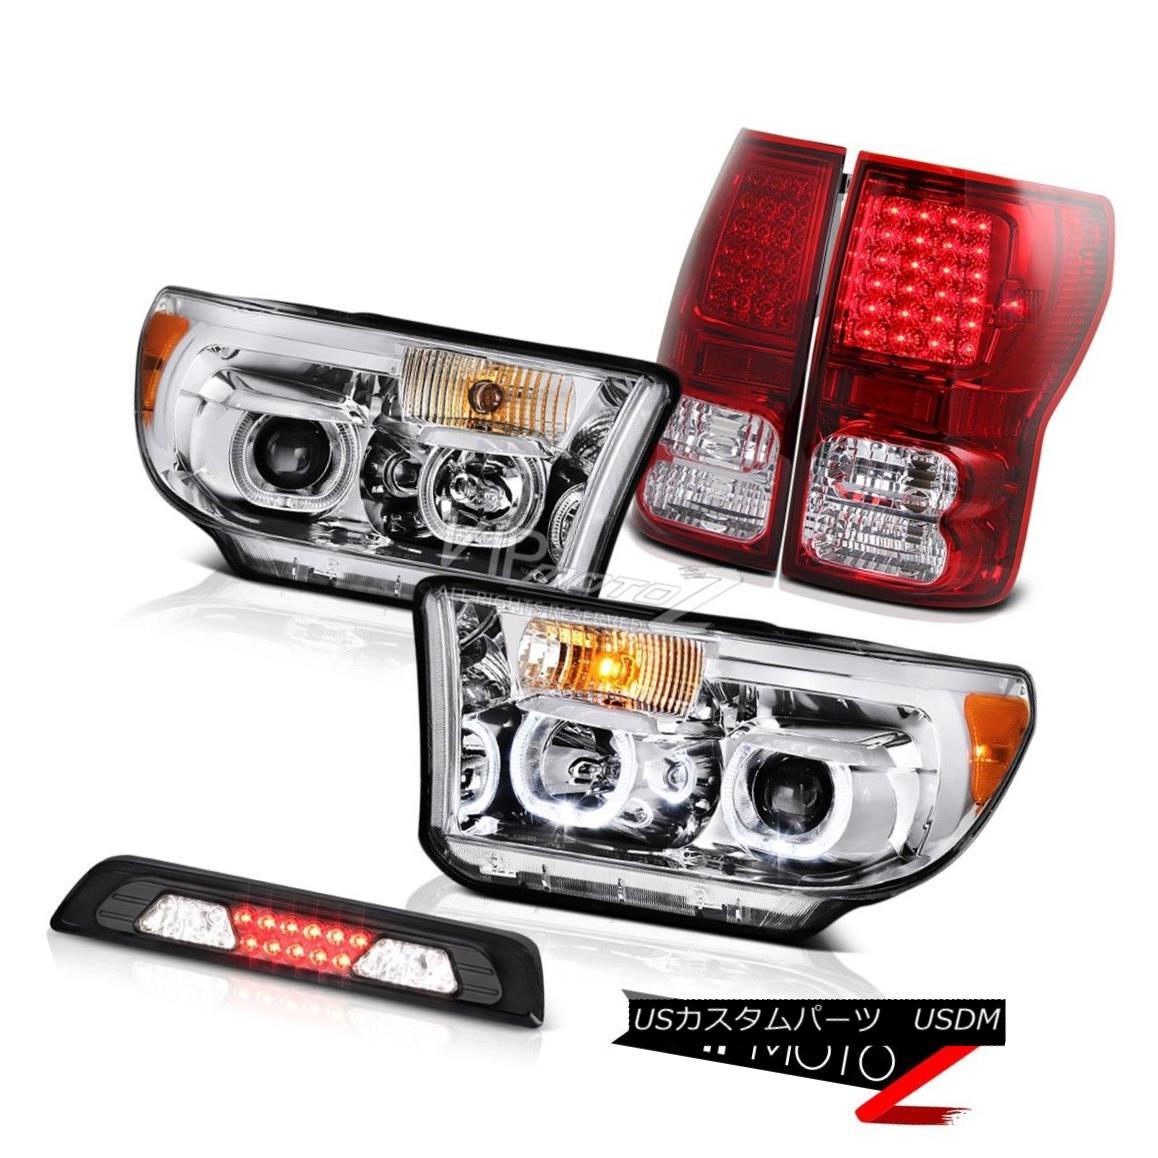 テールライト 07-13 Toyota Tundra Limited Projector Headlights Roof Brake Light Red Taillights 07-13 Toyota Tundra Limitedプロジェクターヘッドライトルーフブレーキライトレッドティール